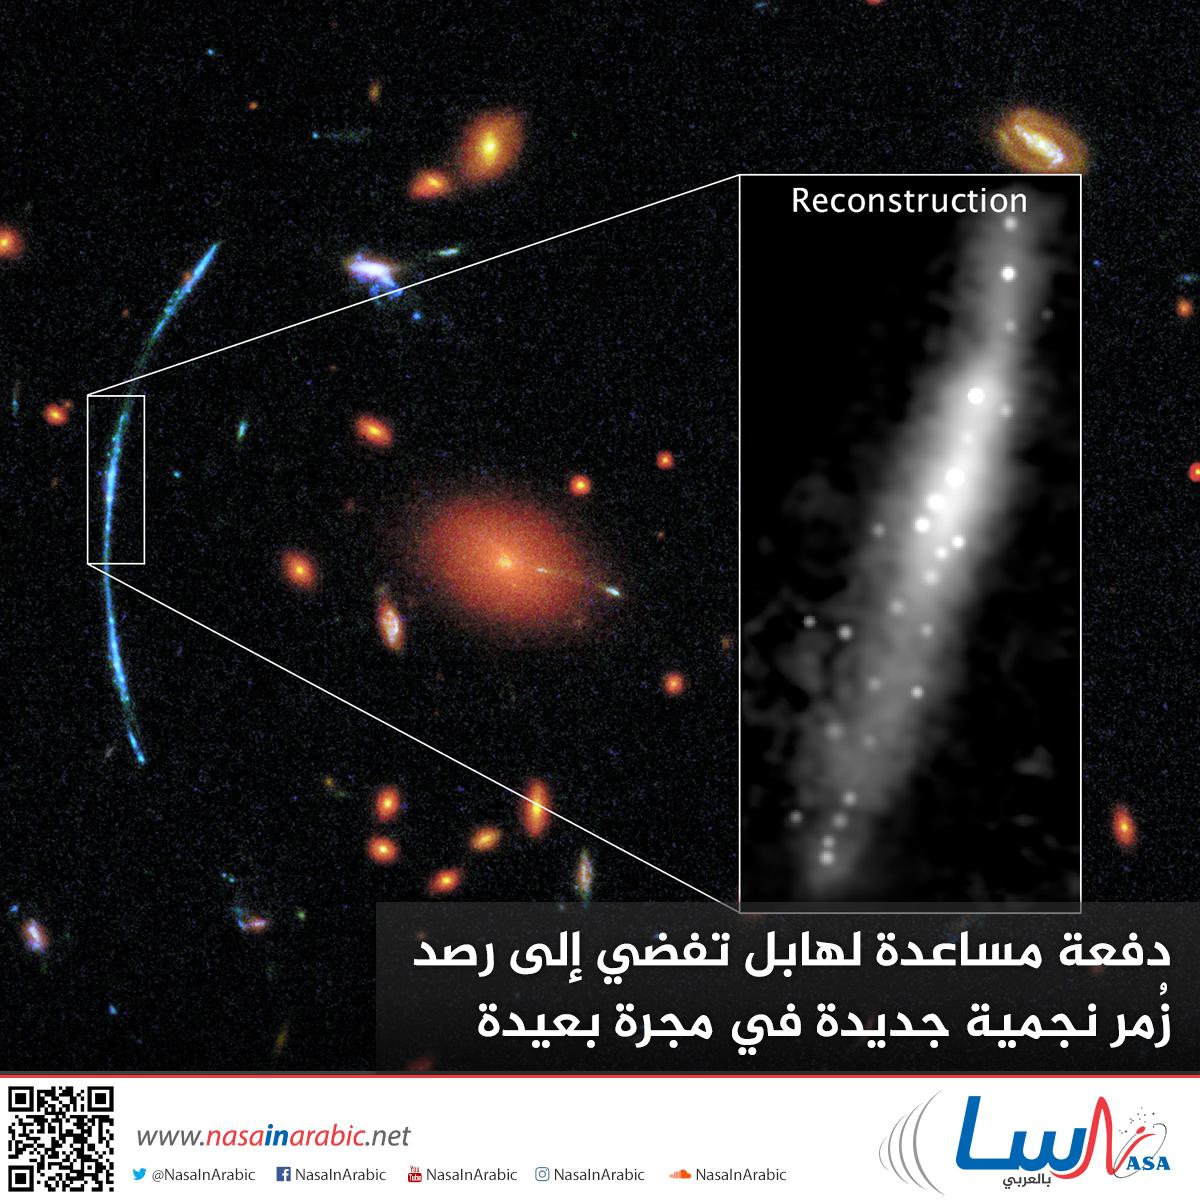 دفعة مساعدة لهابل تفضي إلى رصد زُمر نجمية جديدة في مجرة بعيدة